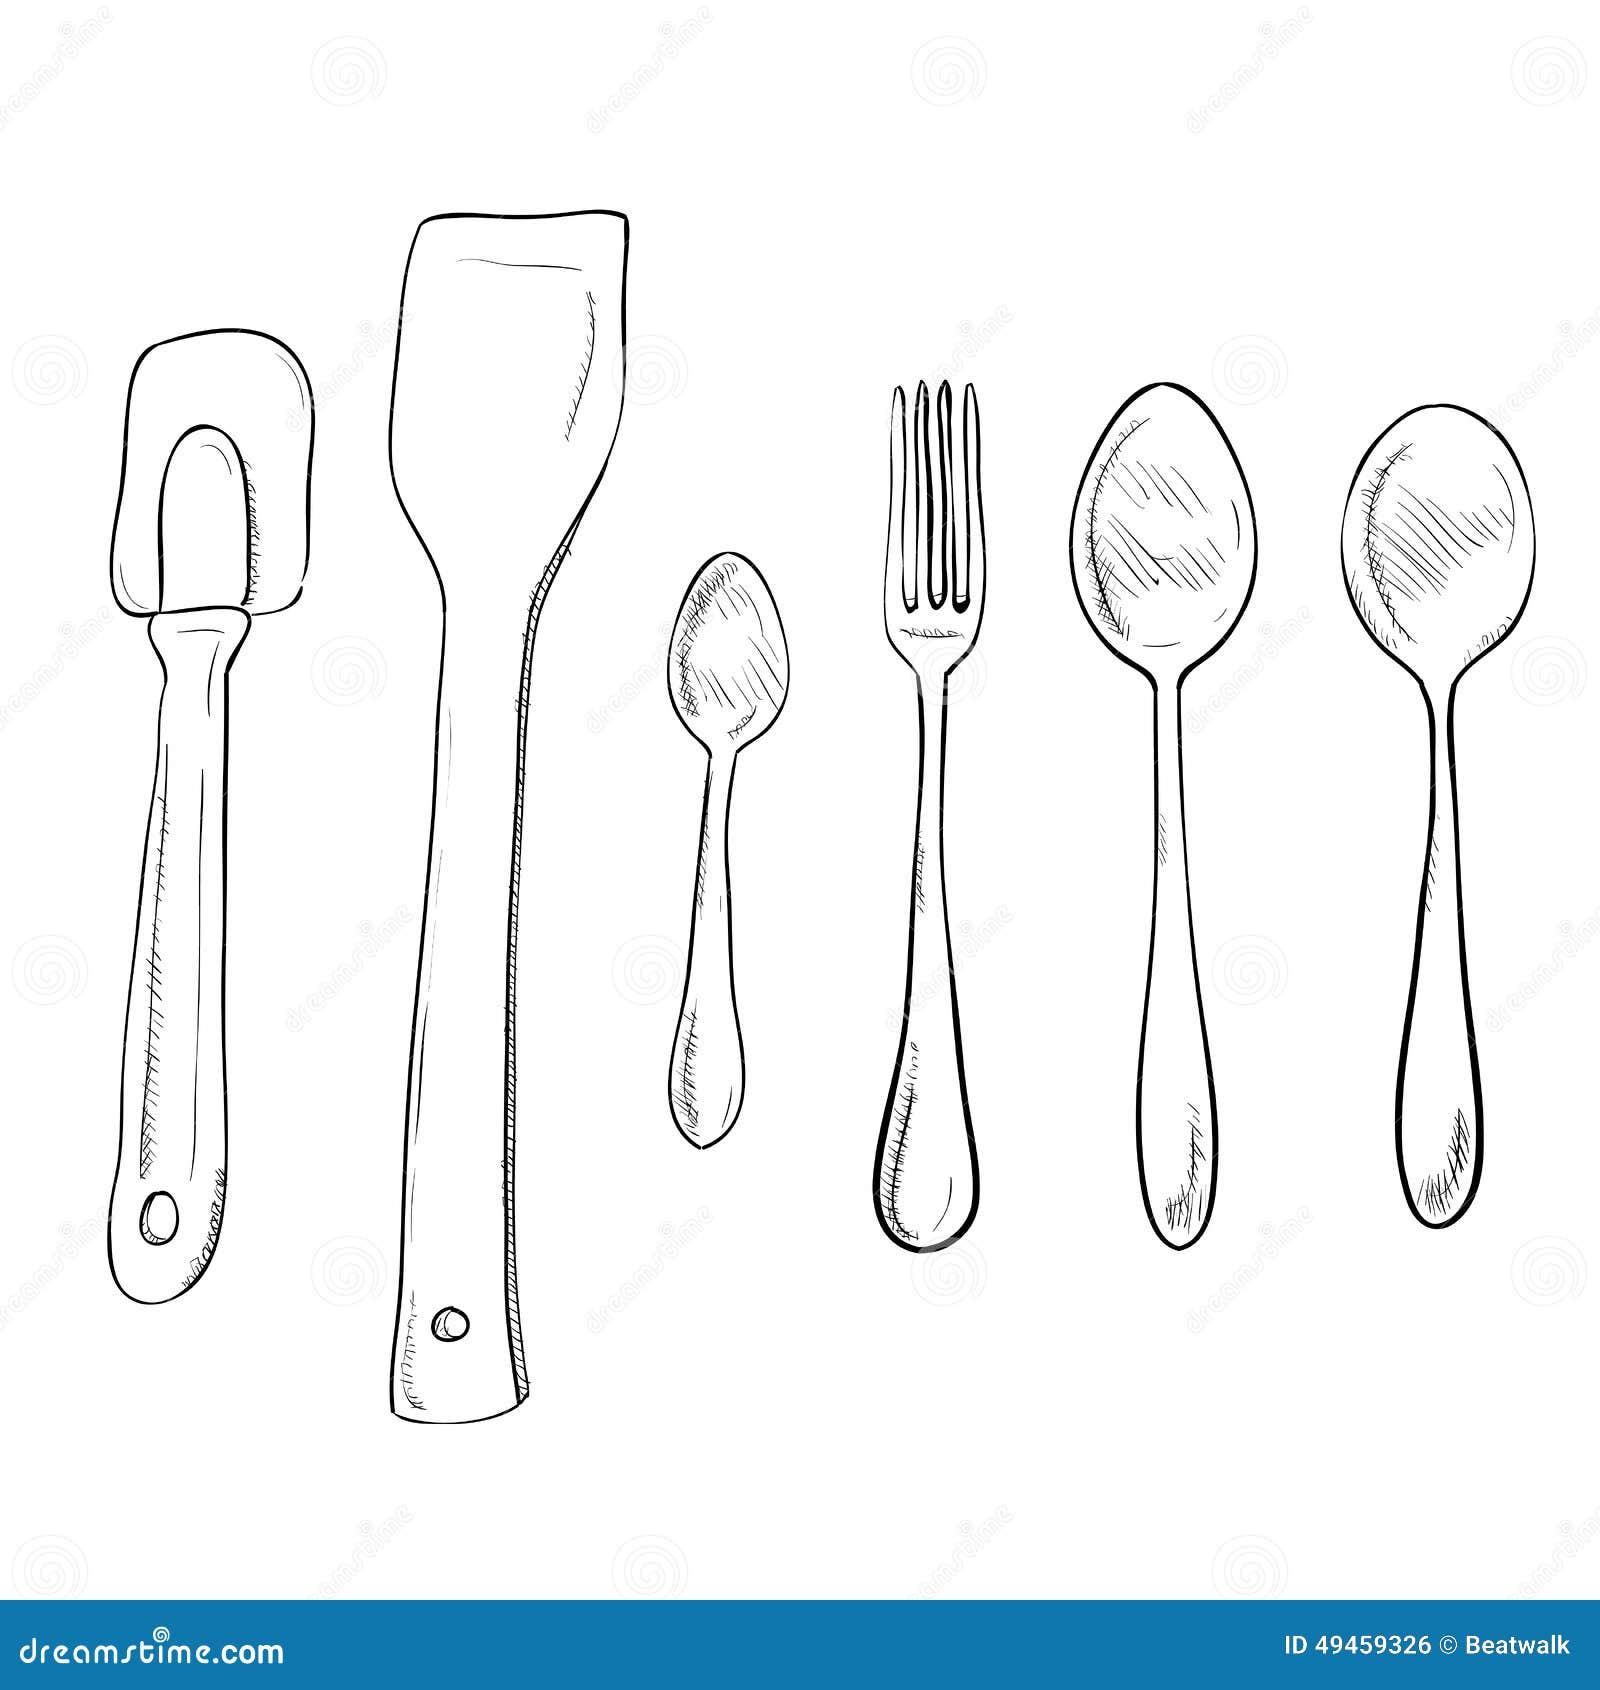 Sketch Of Kitchen Utensils : Vector Sketch Hand Drawn Of Kitchen Utensils Stock Vector - Image ...